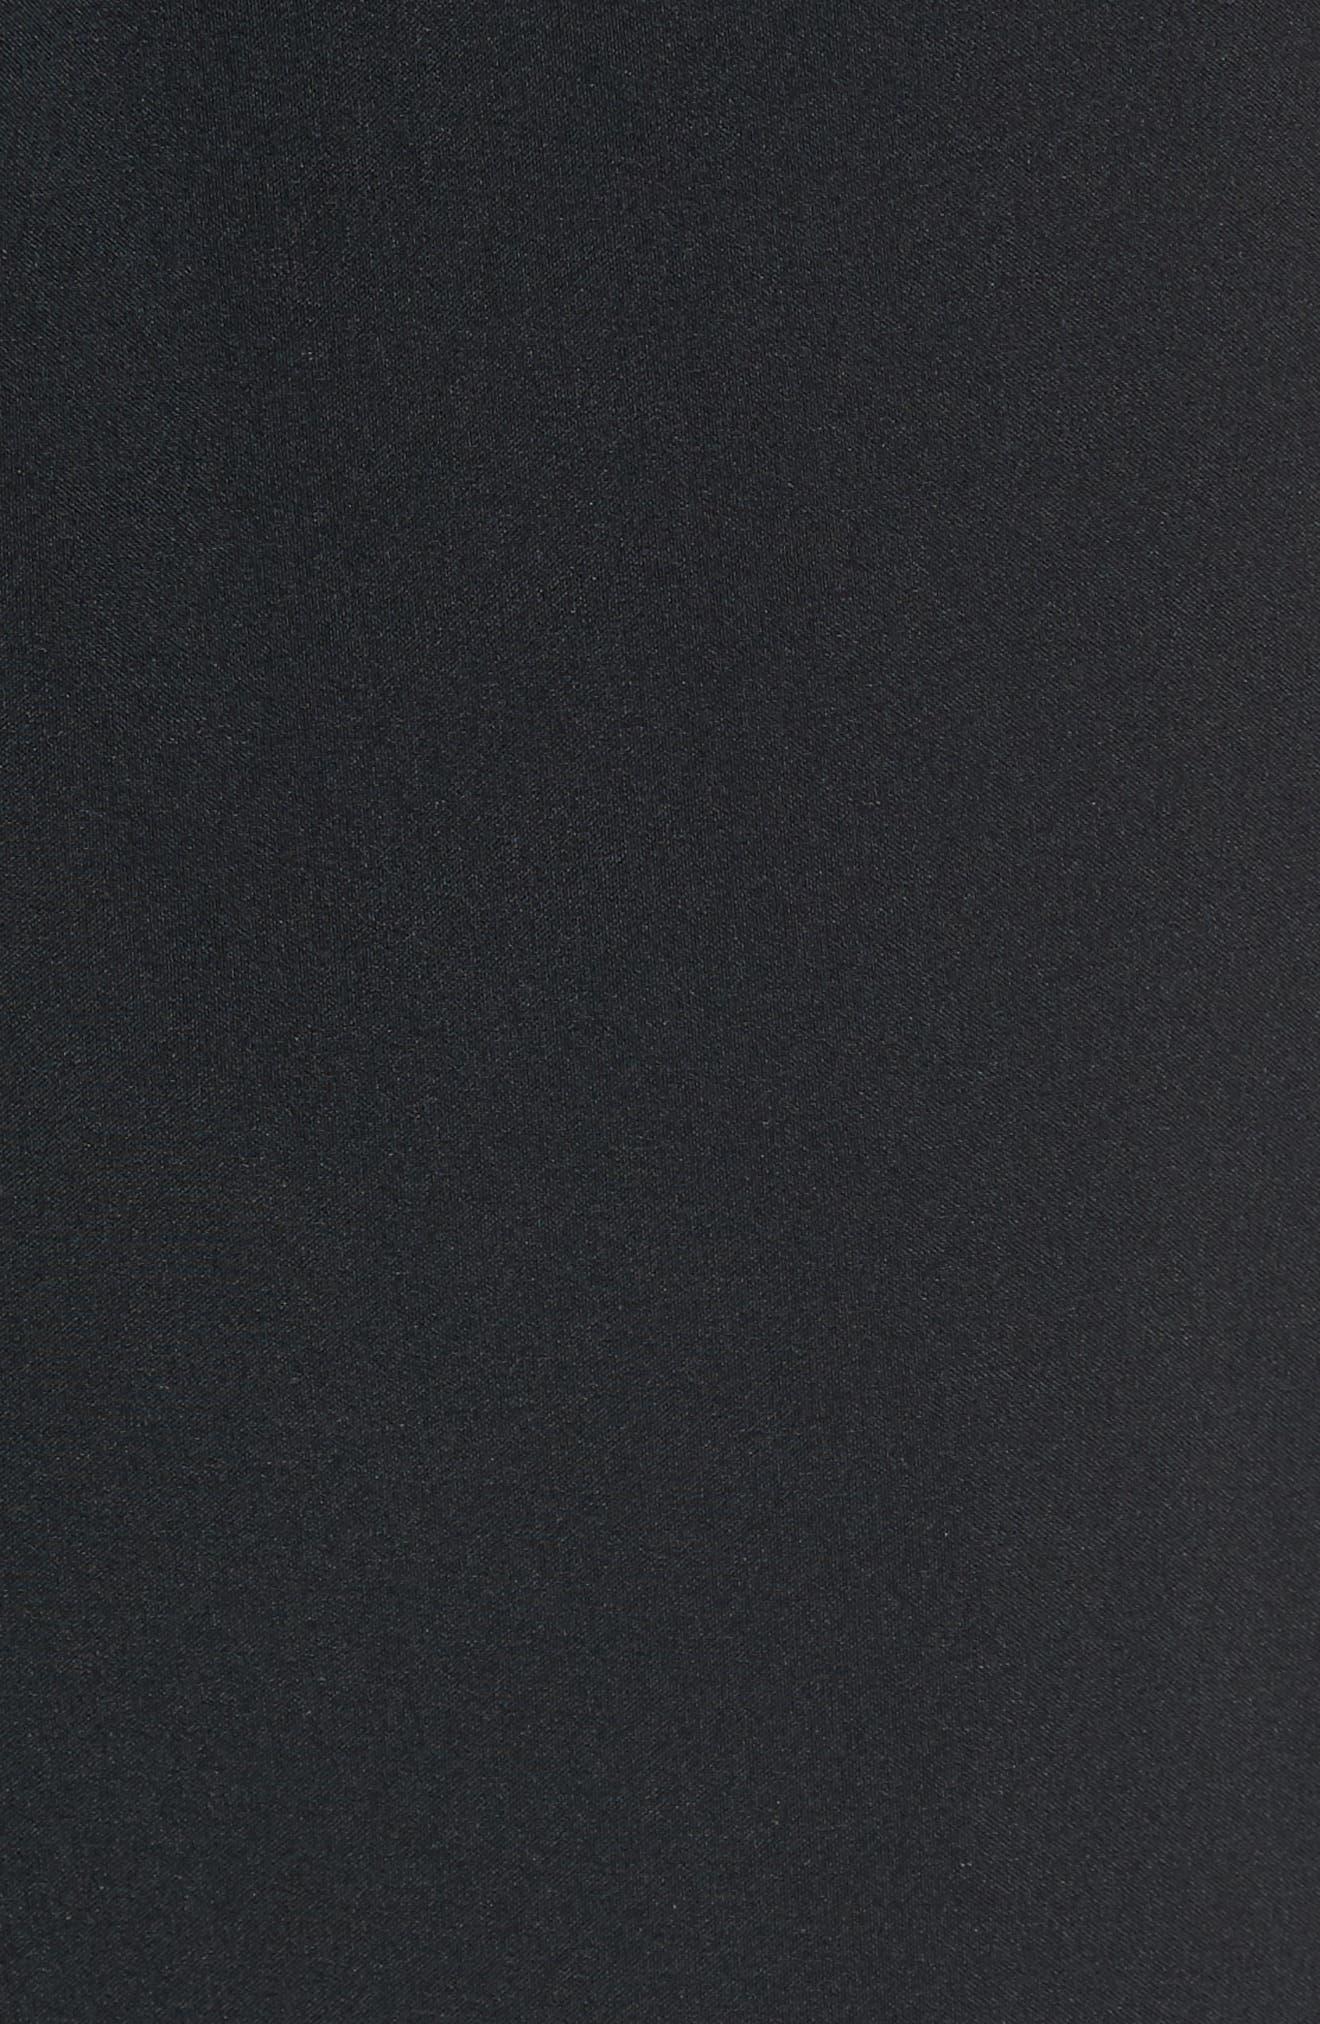 NIKE, Flex Vent Max Shorts, Alternate thumbnail 6, color, BLACK/ METALLIC HEMATITE